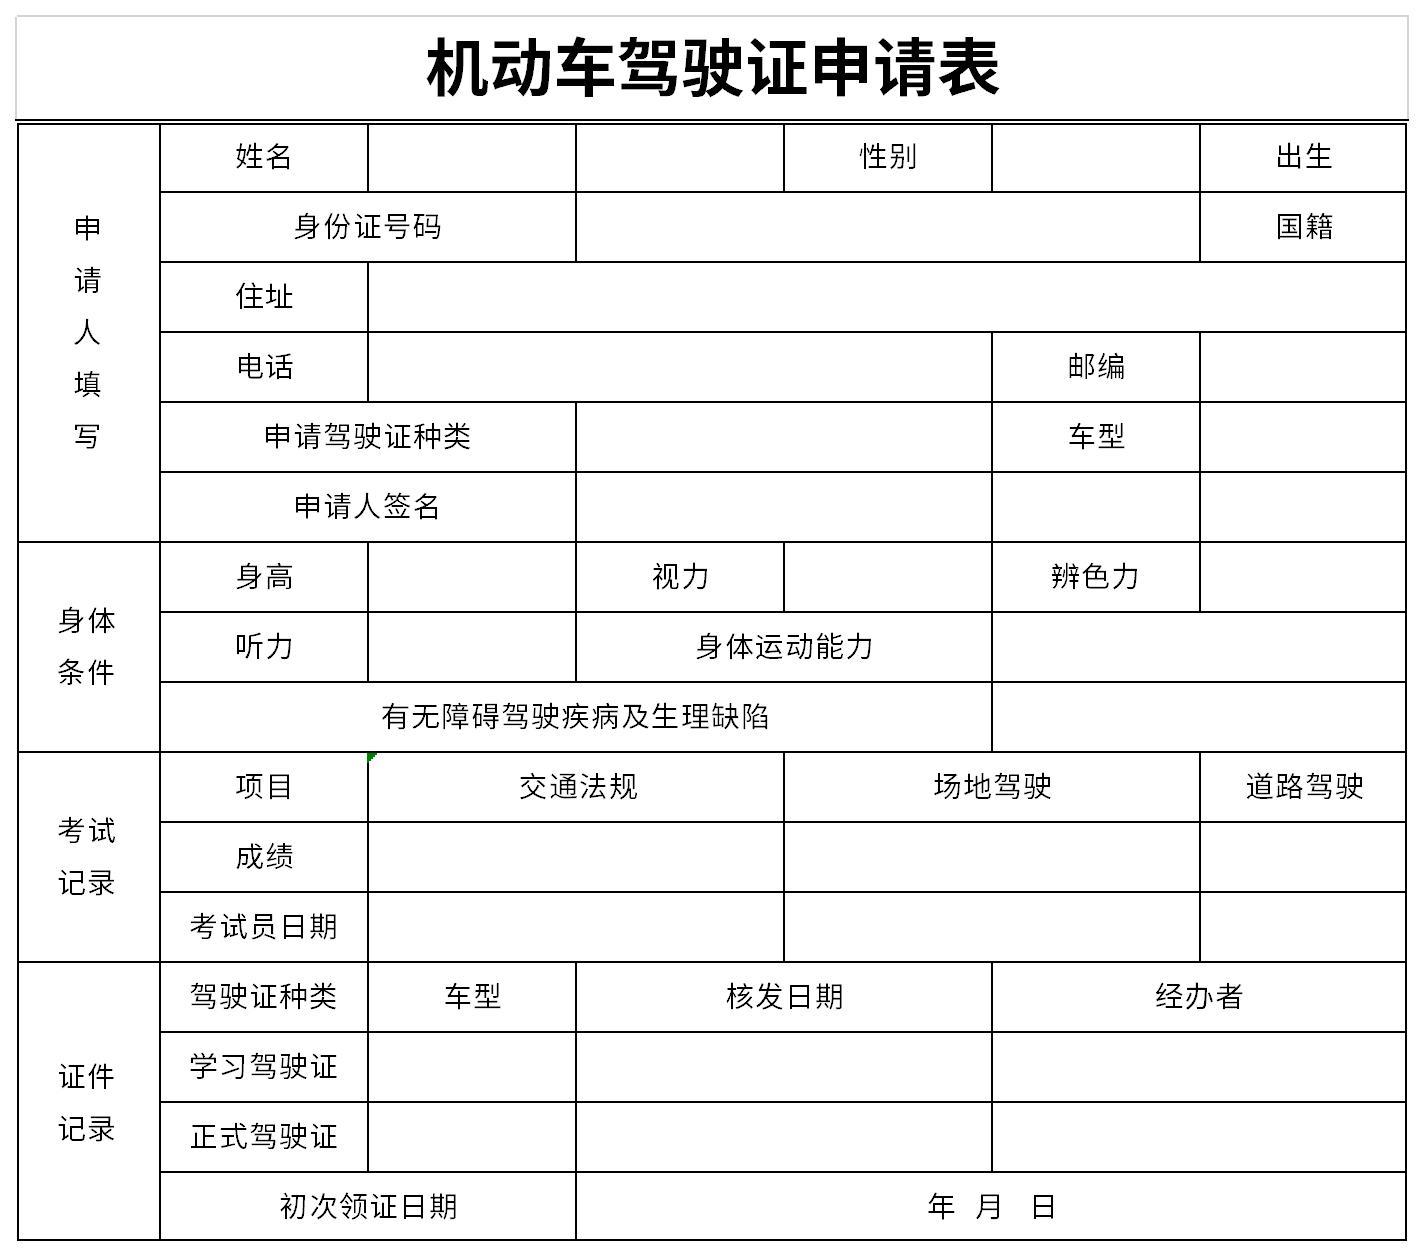 機動車駕駛證申請表截圖